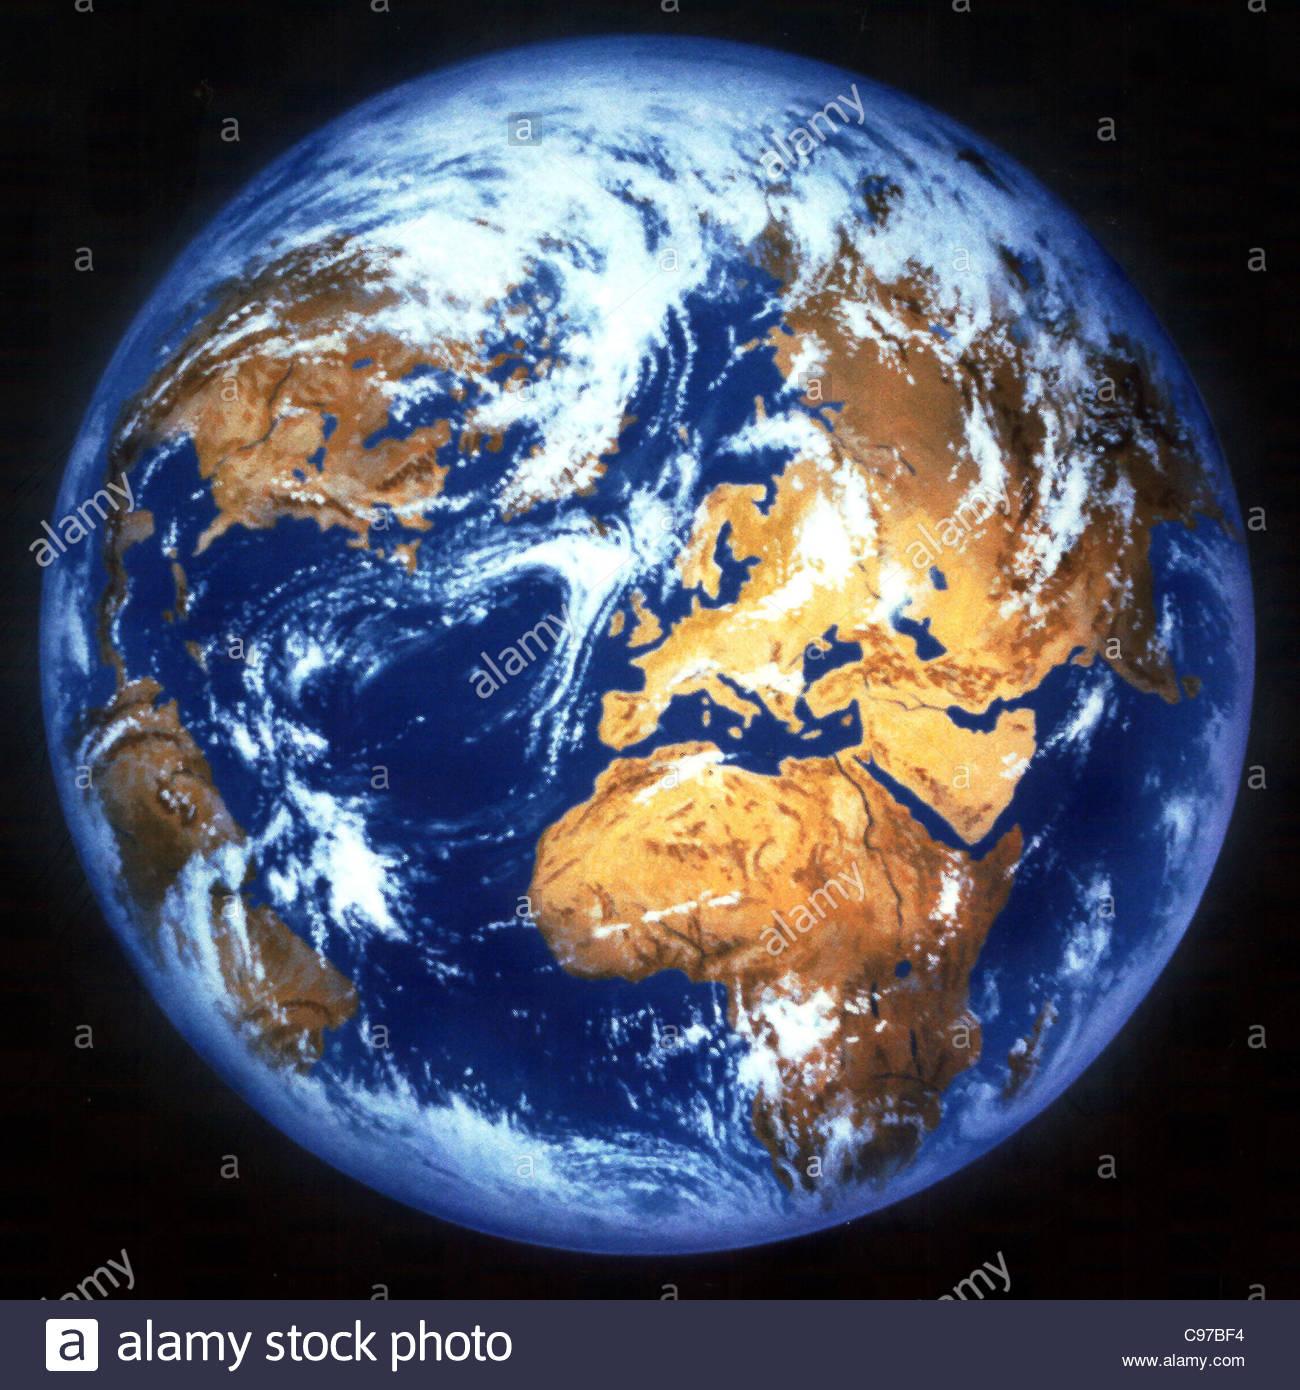 Globe view 1 globe earth geography globe globe world map map globe view 1 globe earth geography globe globe world map map software geogr gumiabroncs Images